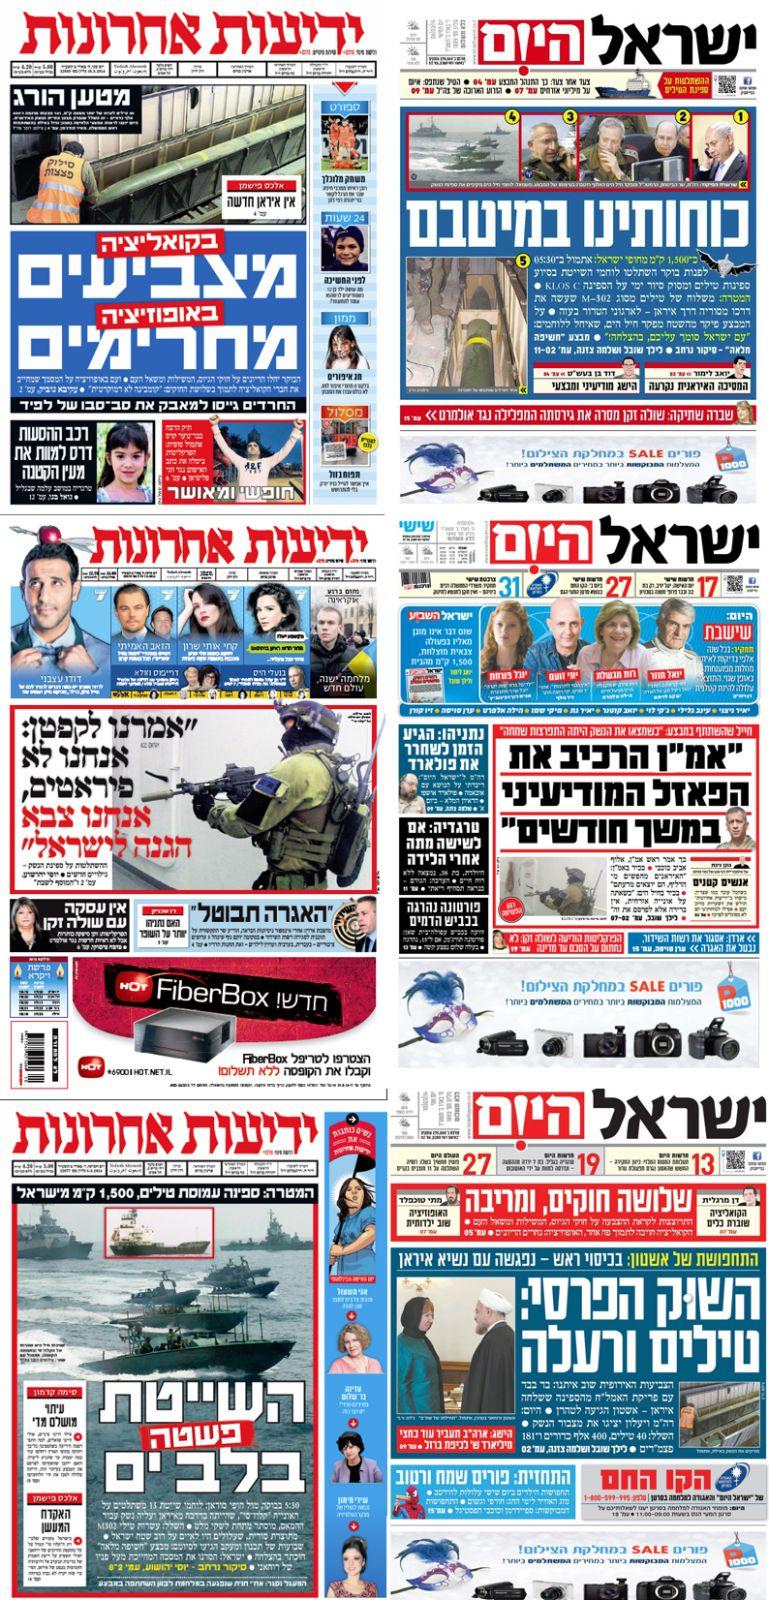 """כותרות ראשיות ב""""ישראל היום"""" ו""""ידיעות אחרונות"""" על תפיסתה של ספינת נשק איראני המיועד לרצועת עזה"""